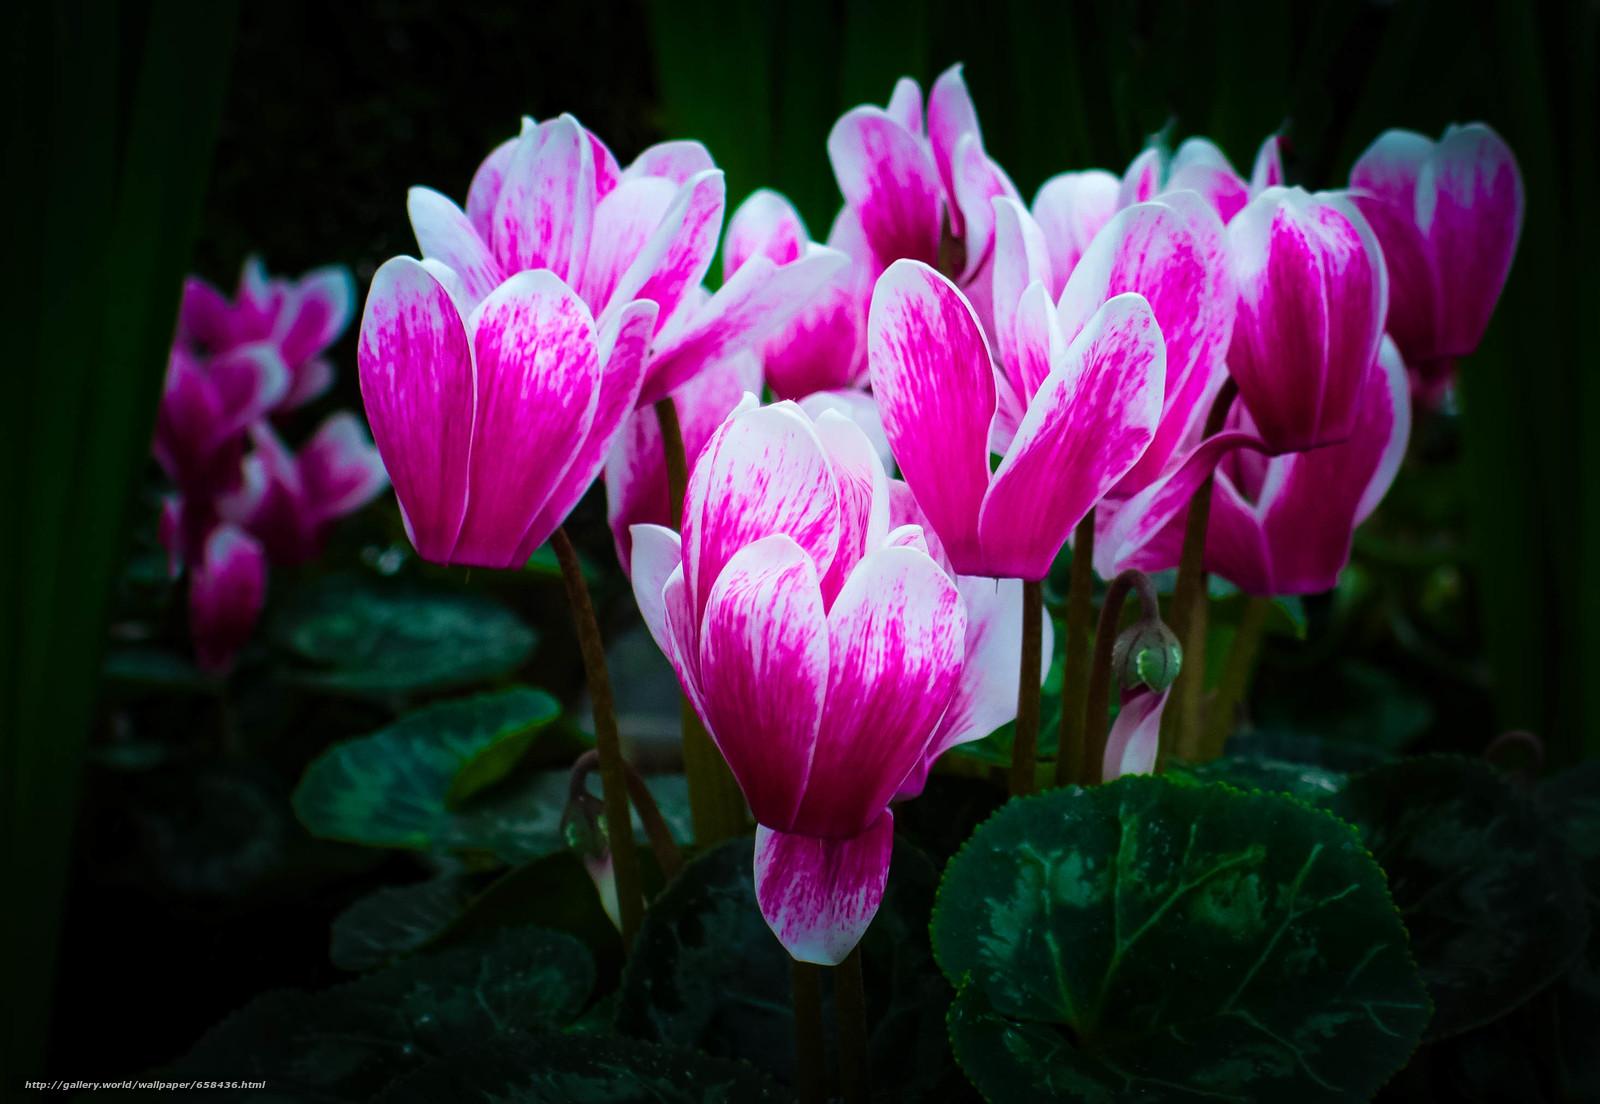 Скачать обои цветок,  цветы,  флора бесплатно для рабочего стола в разрешении 2933x2024 — картинка №658436